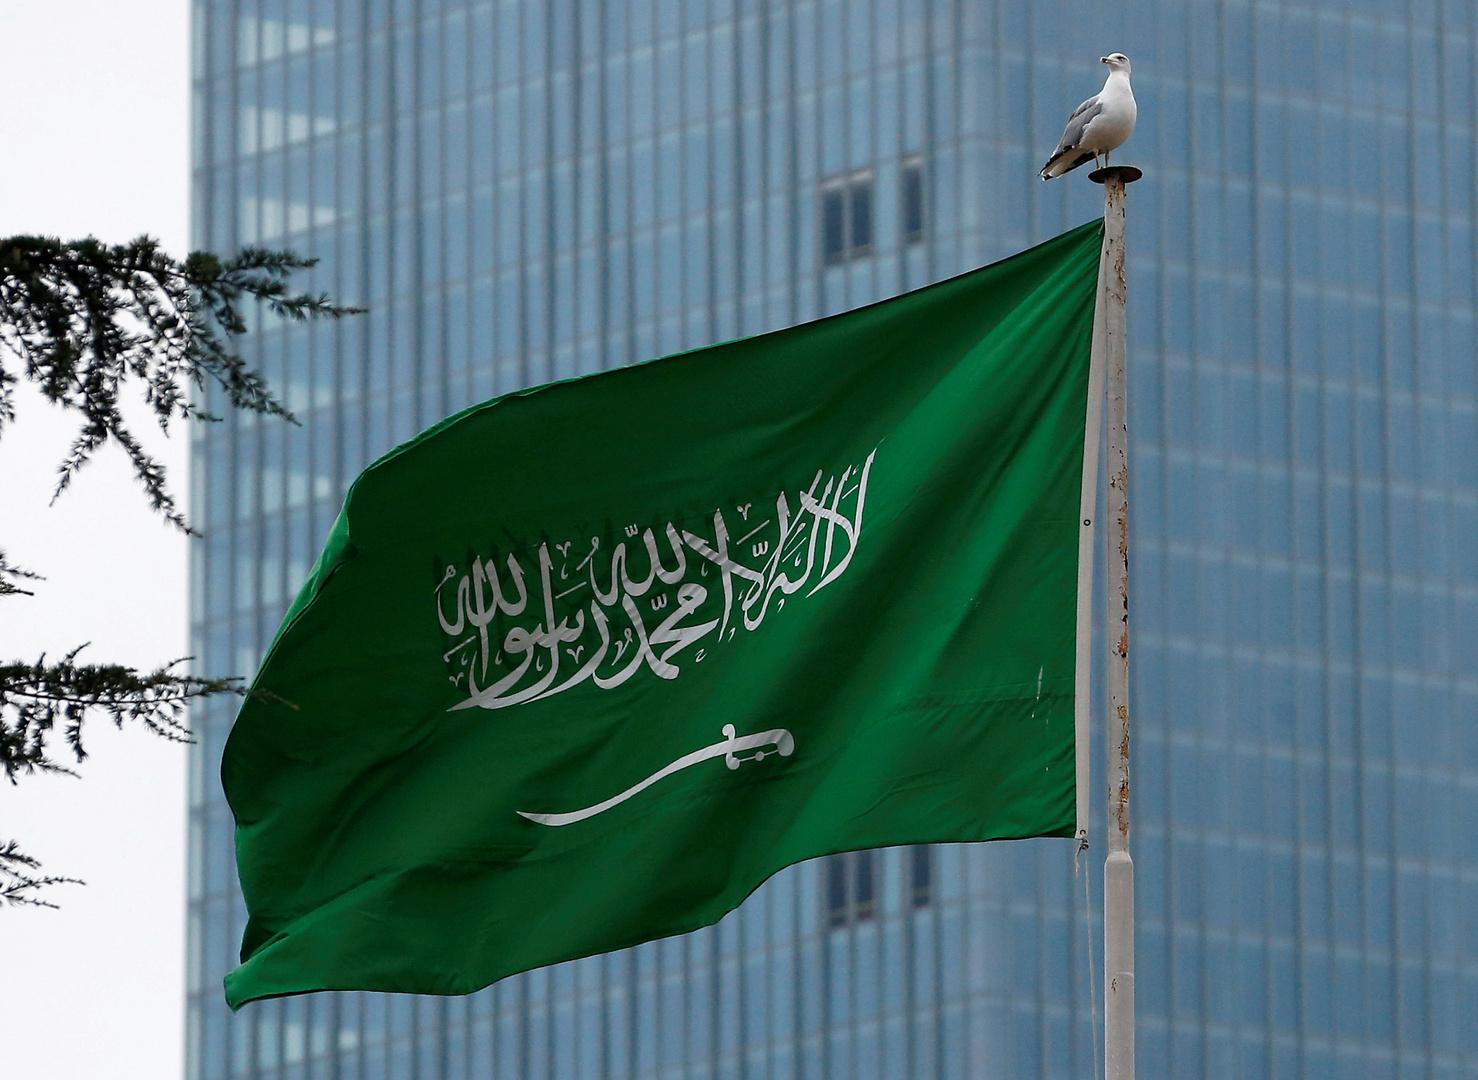 الداخلية السعودية تعلق على عملية ضبط الأقراص المخدرة المهربة القادمة من لبنان